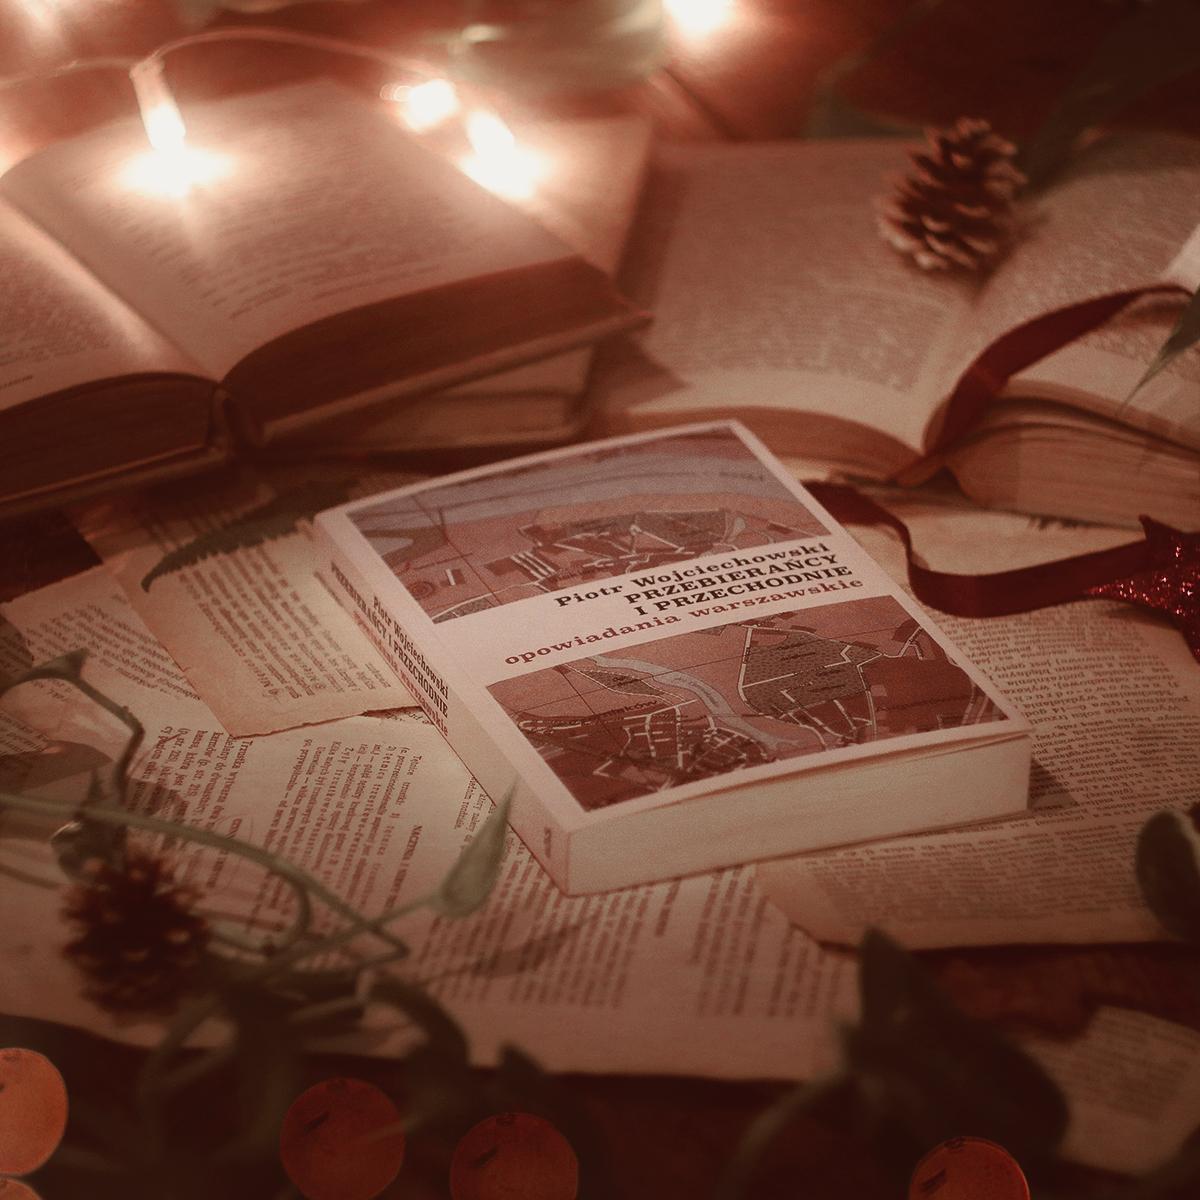 #145 Przebierańcy i przechodnie. Opowiadania warszawskie - Piotr Wojciechowski - recenzja - czy warto przeczytać?